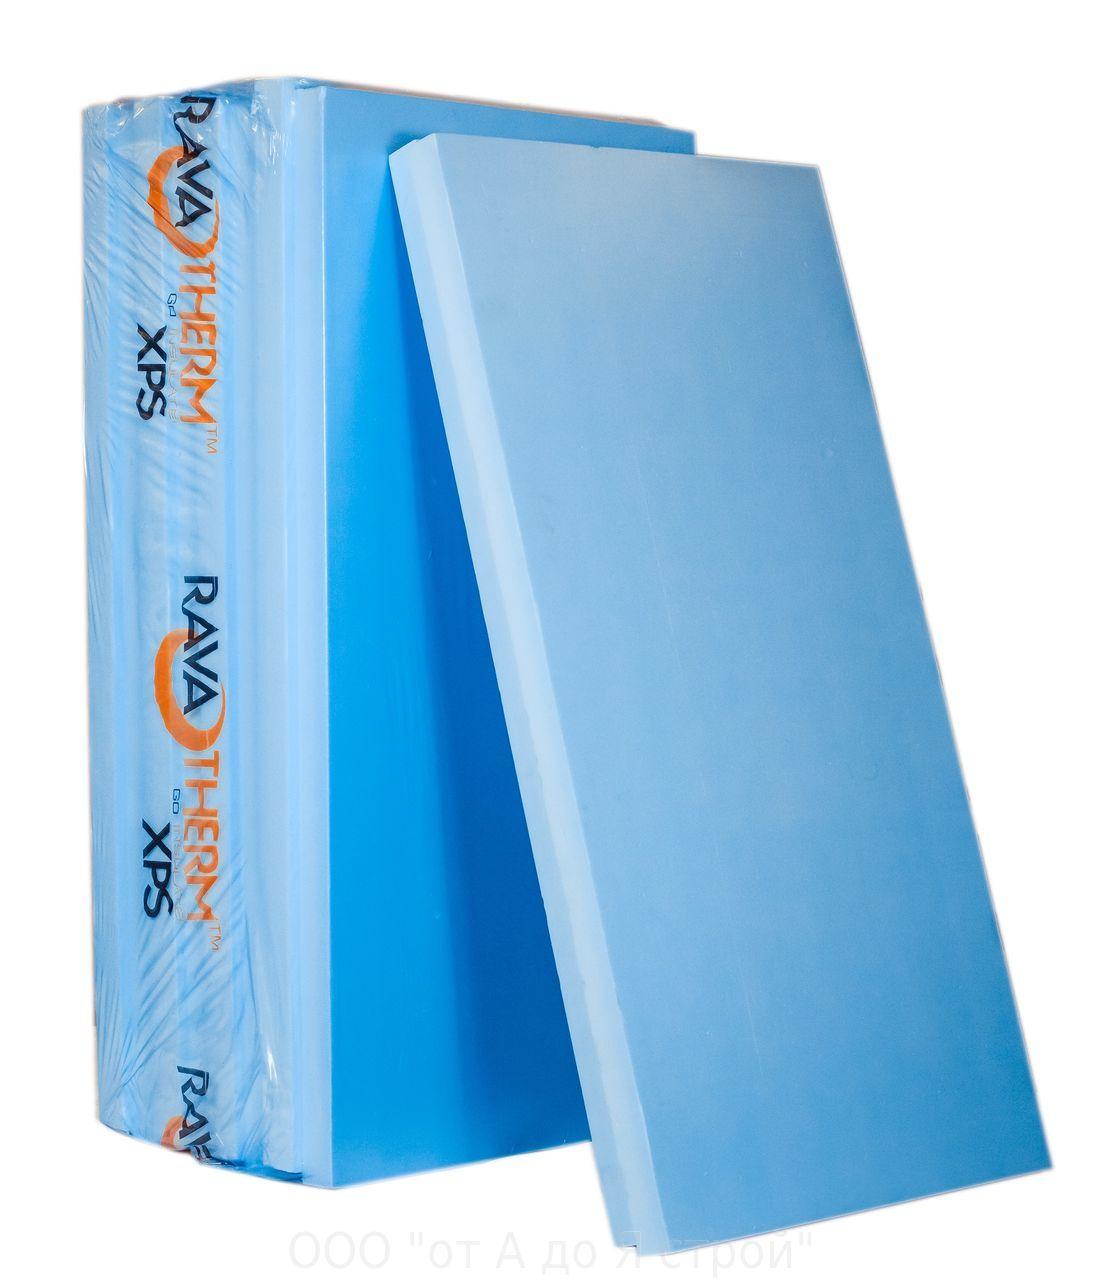 Купить Экструдированный пенополистирол Ravatherm XPS Standard, 1185х585х20 мм (20 плит/14.4 м2) — Фото №1